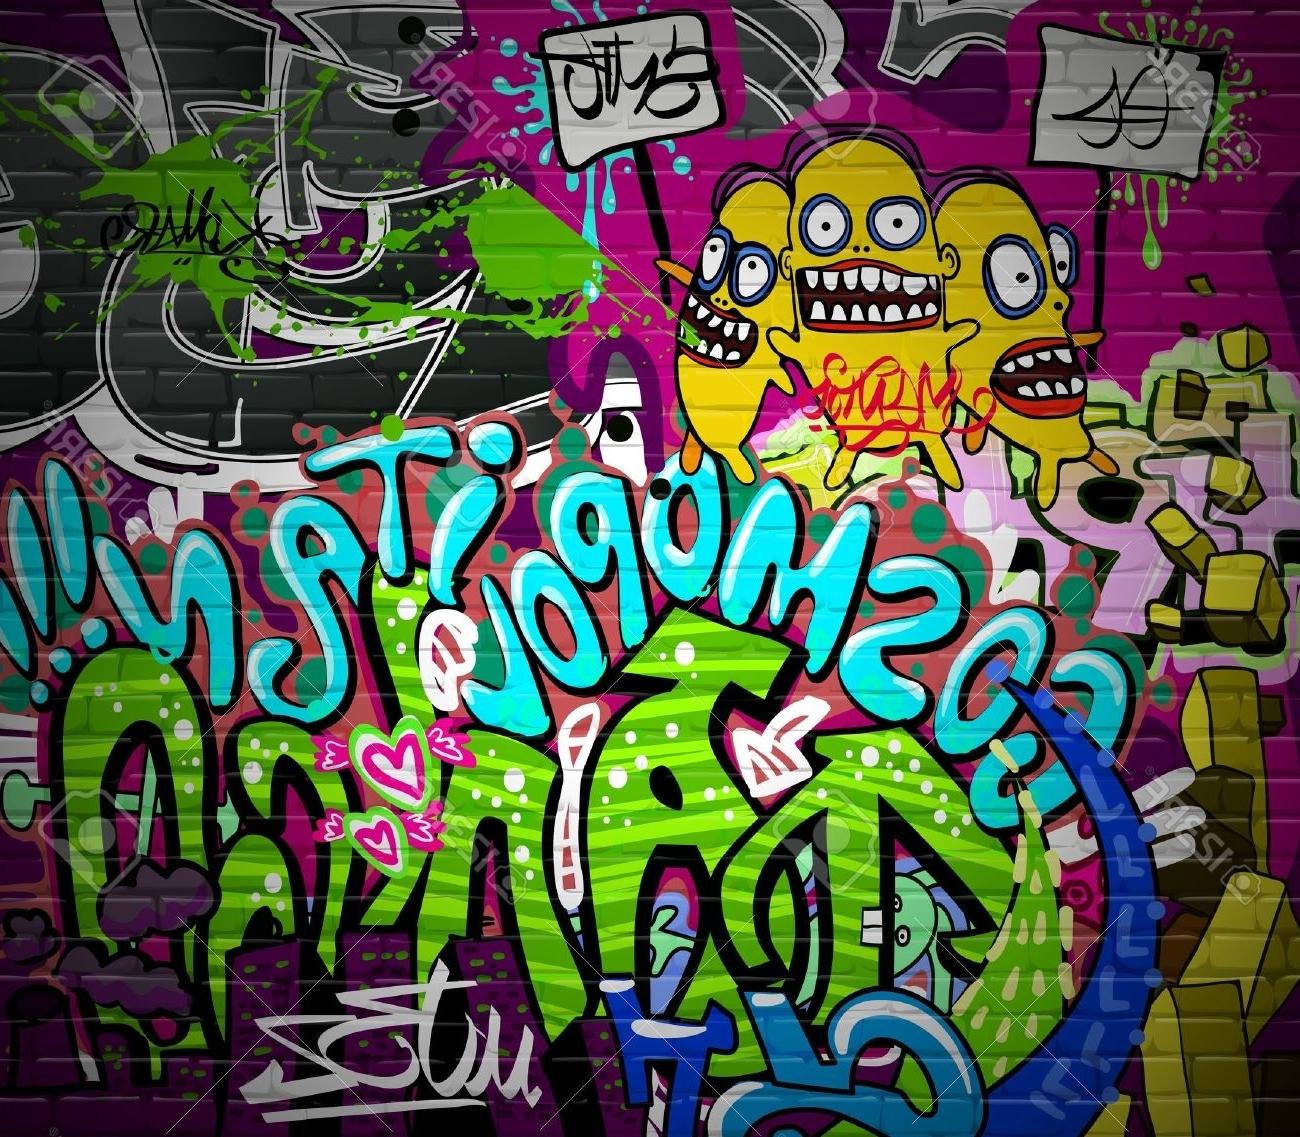 Most Recent Graffiti Wall Urban Art Hintergrund Grunge Hip Hop Künstlerische Inside Hip Hop Wall Art (View 6 of 15)